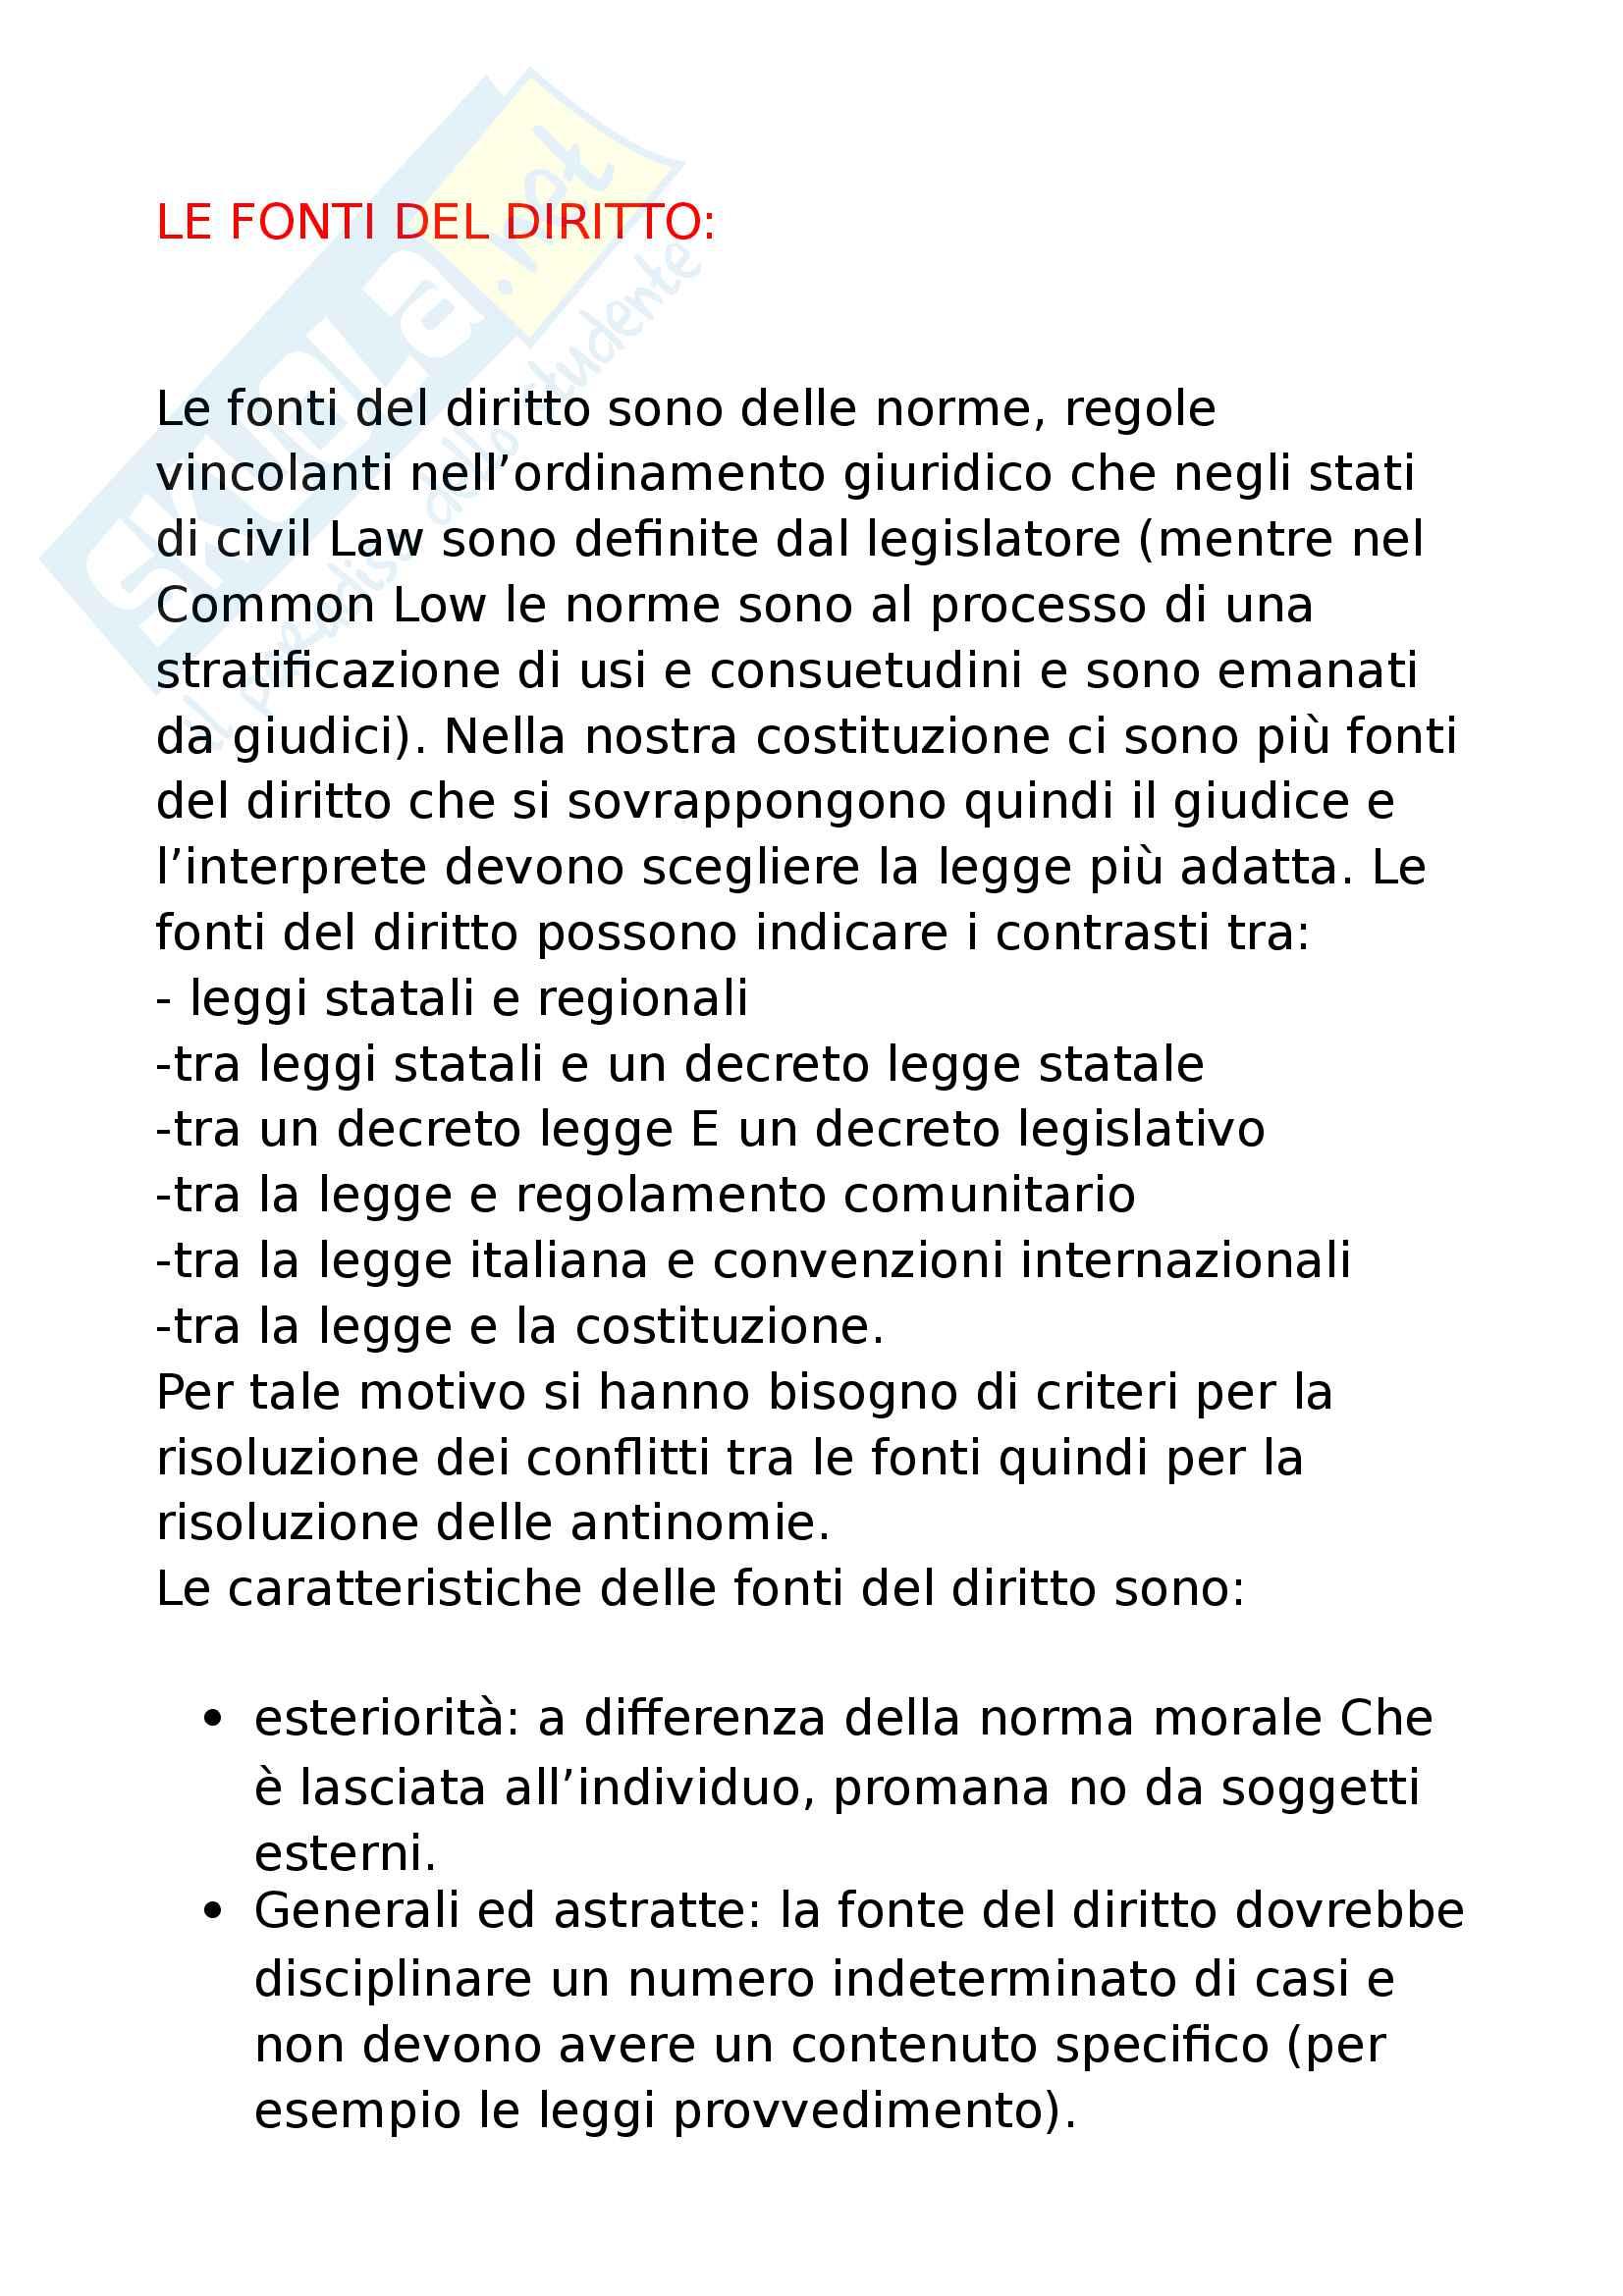 5 - Fonti del diritto con criteri di risoluzione leggi ordinarie riserva di legge e regolamenti